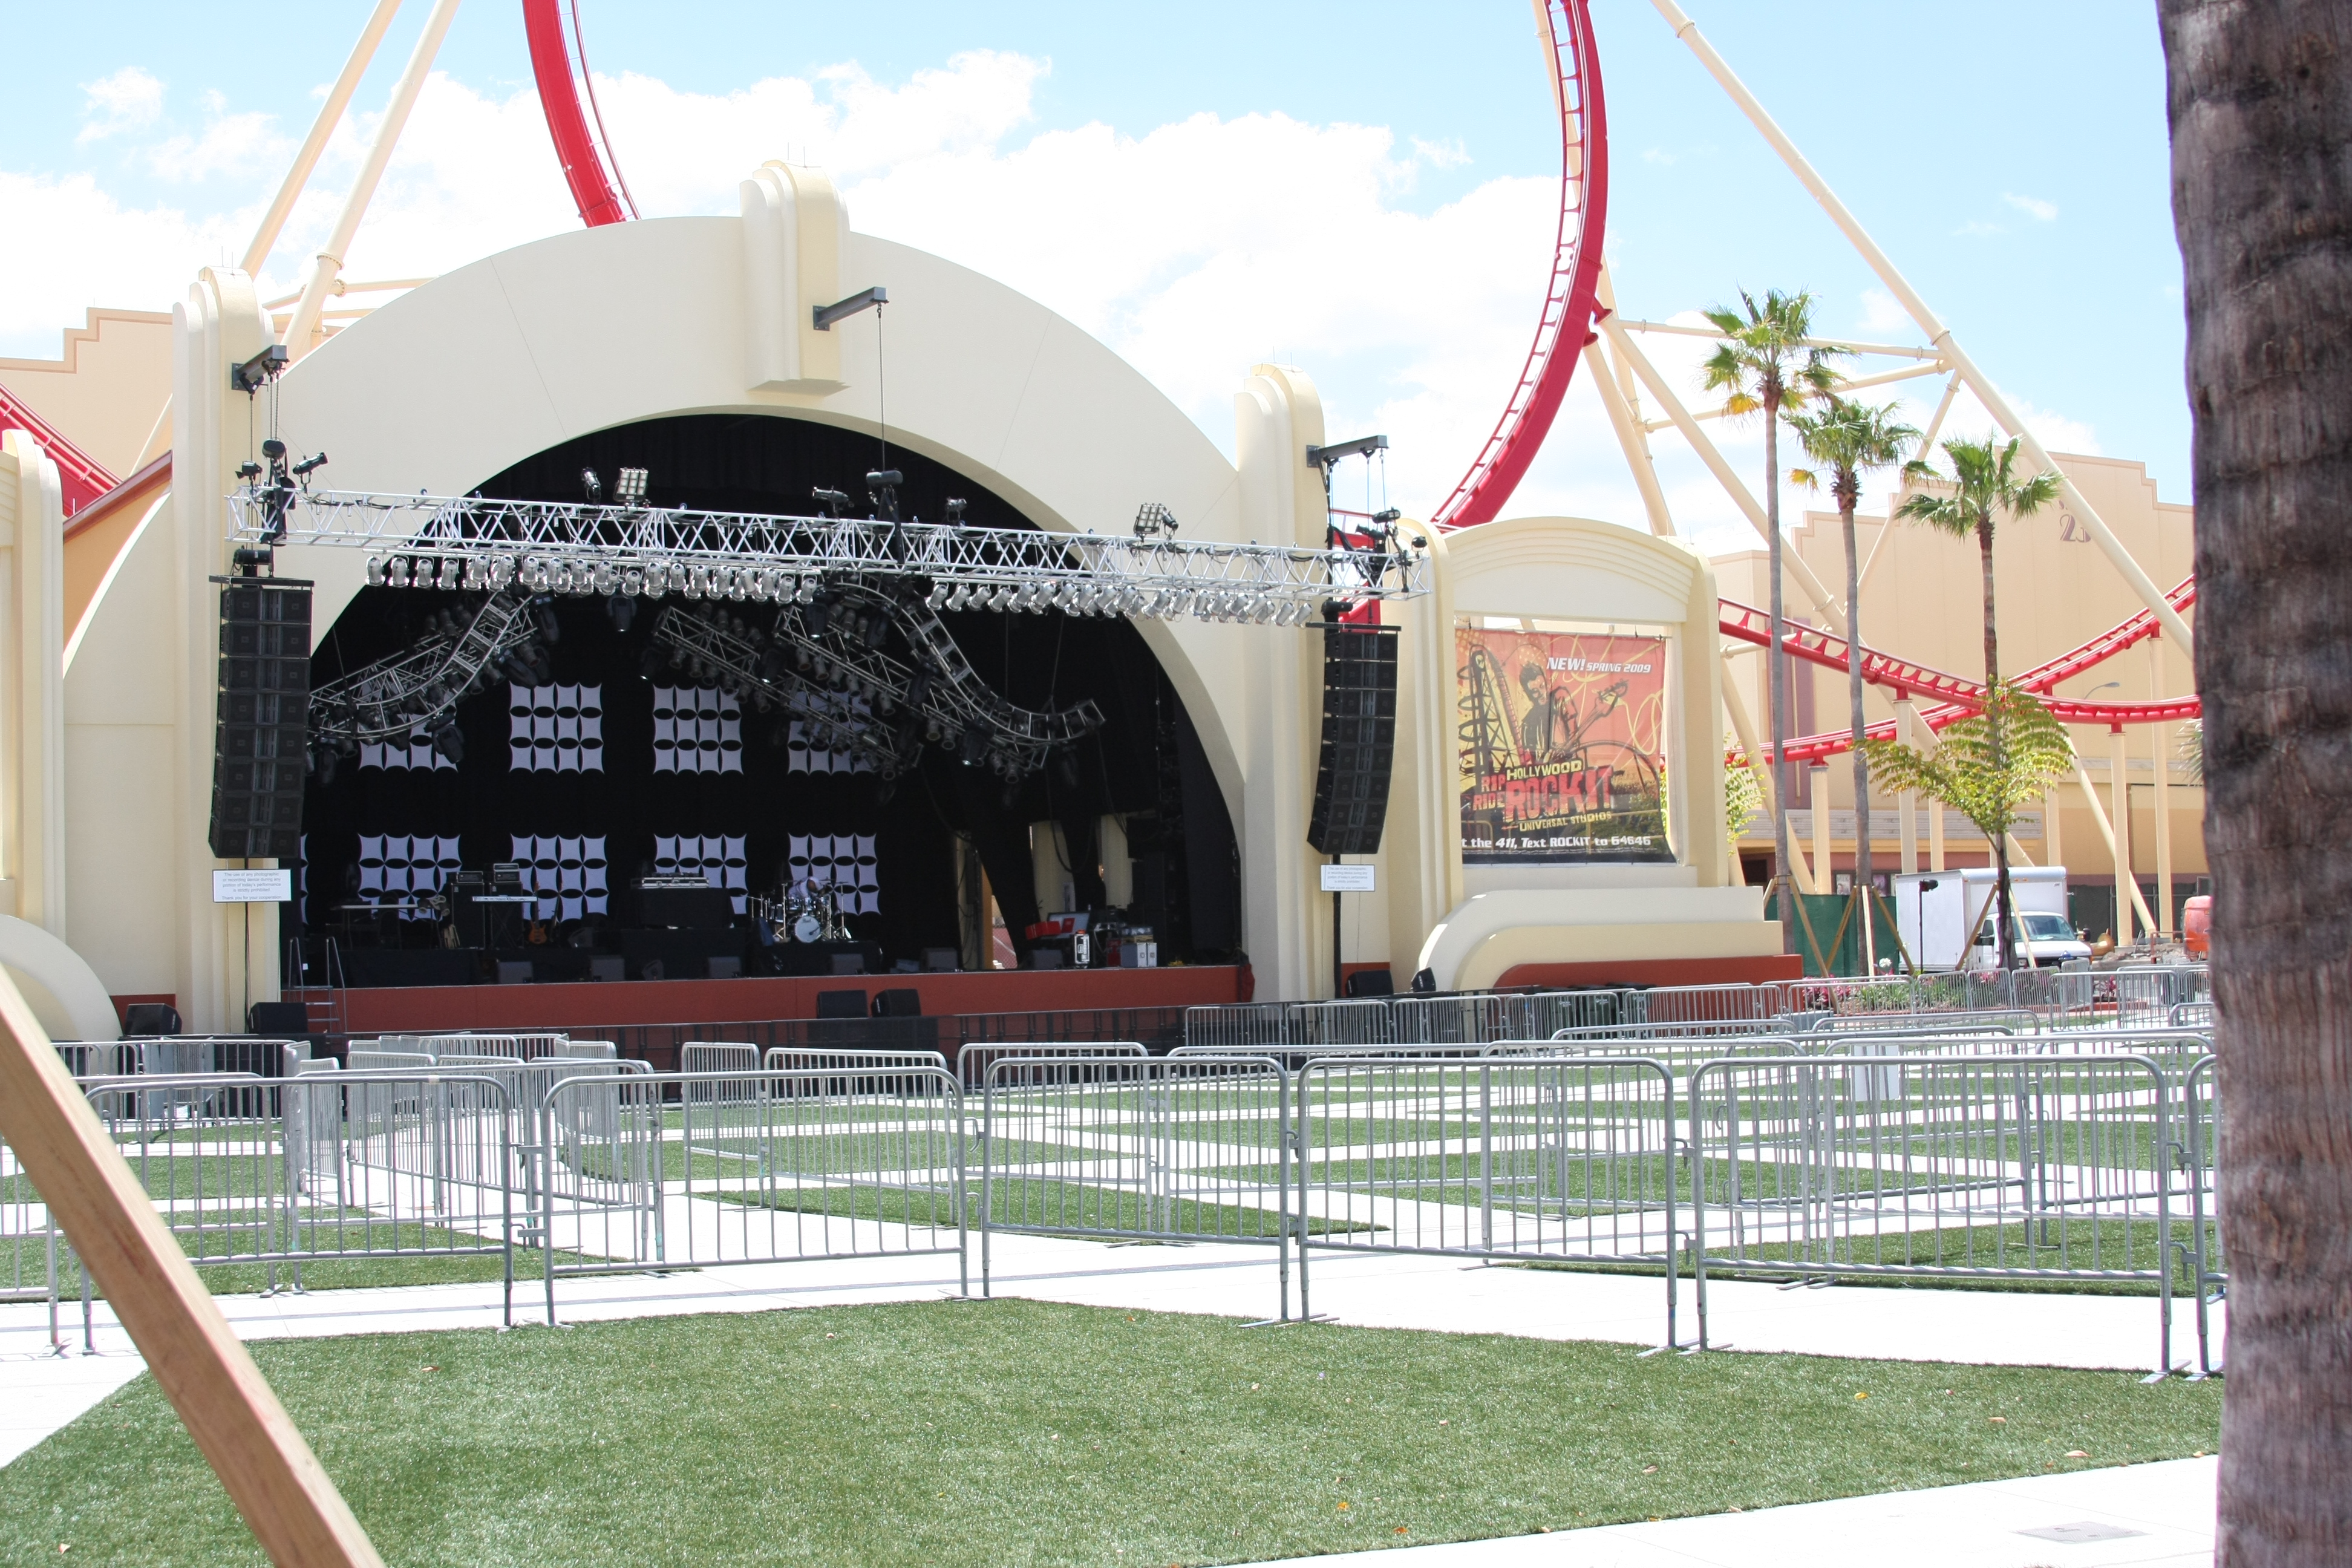 Universal Music Plaza Stage - Wikipedia